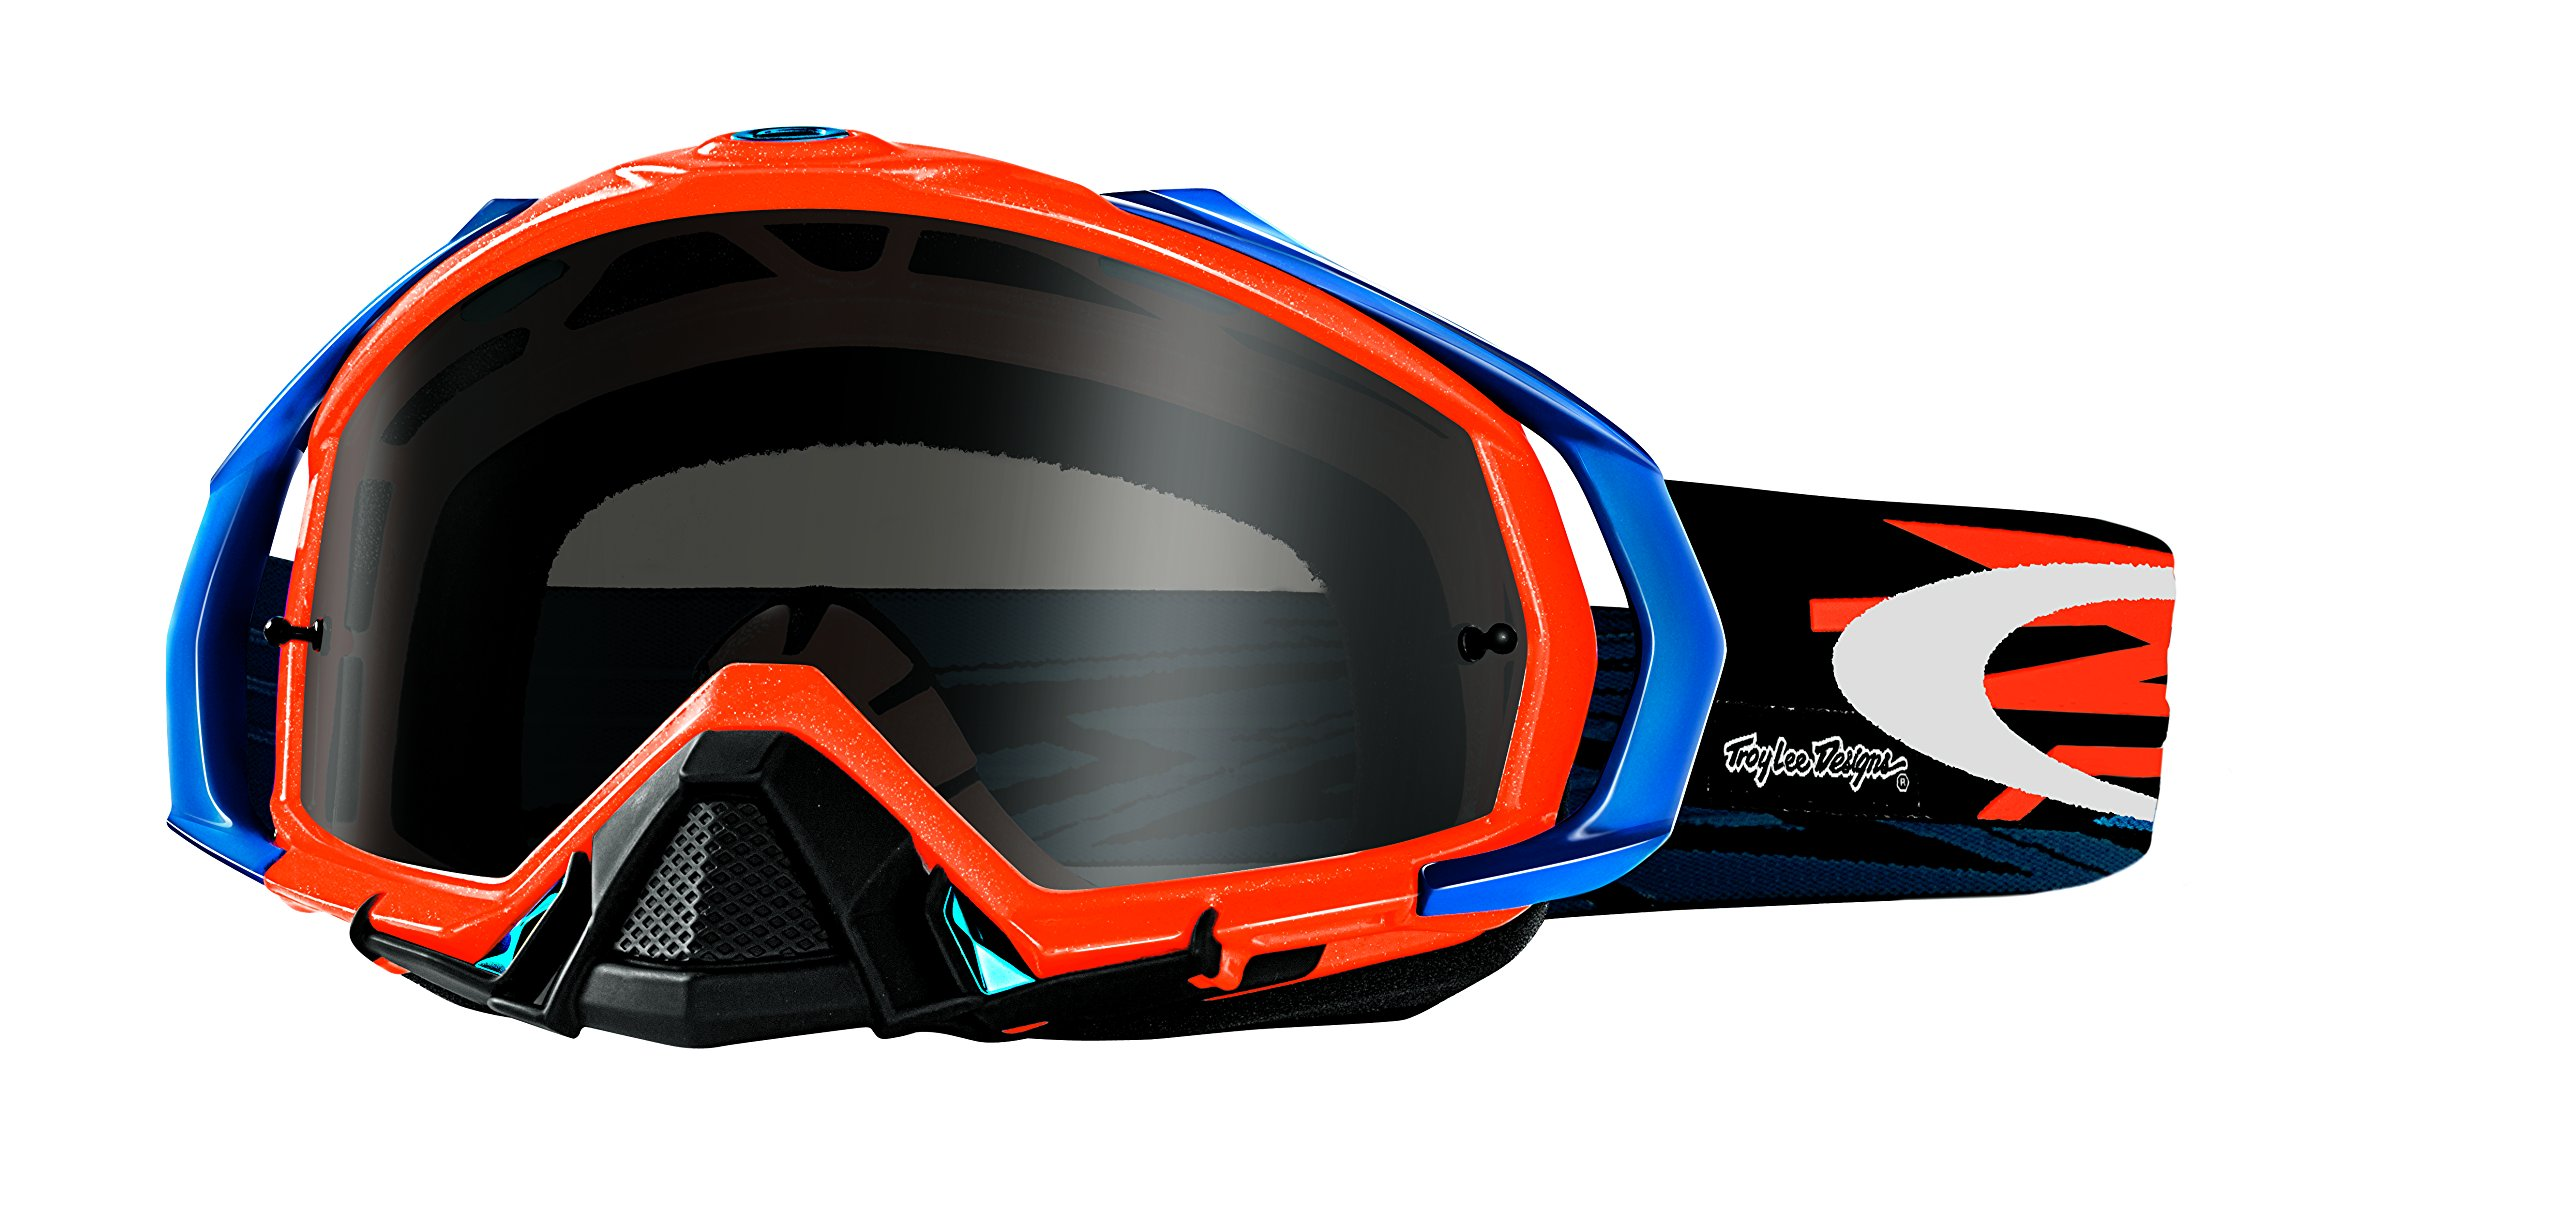 Oakley Mayhem Pro TLD Zap Goggles (Orange Frame/Dark Grey Lens)